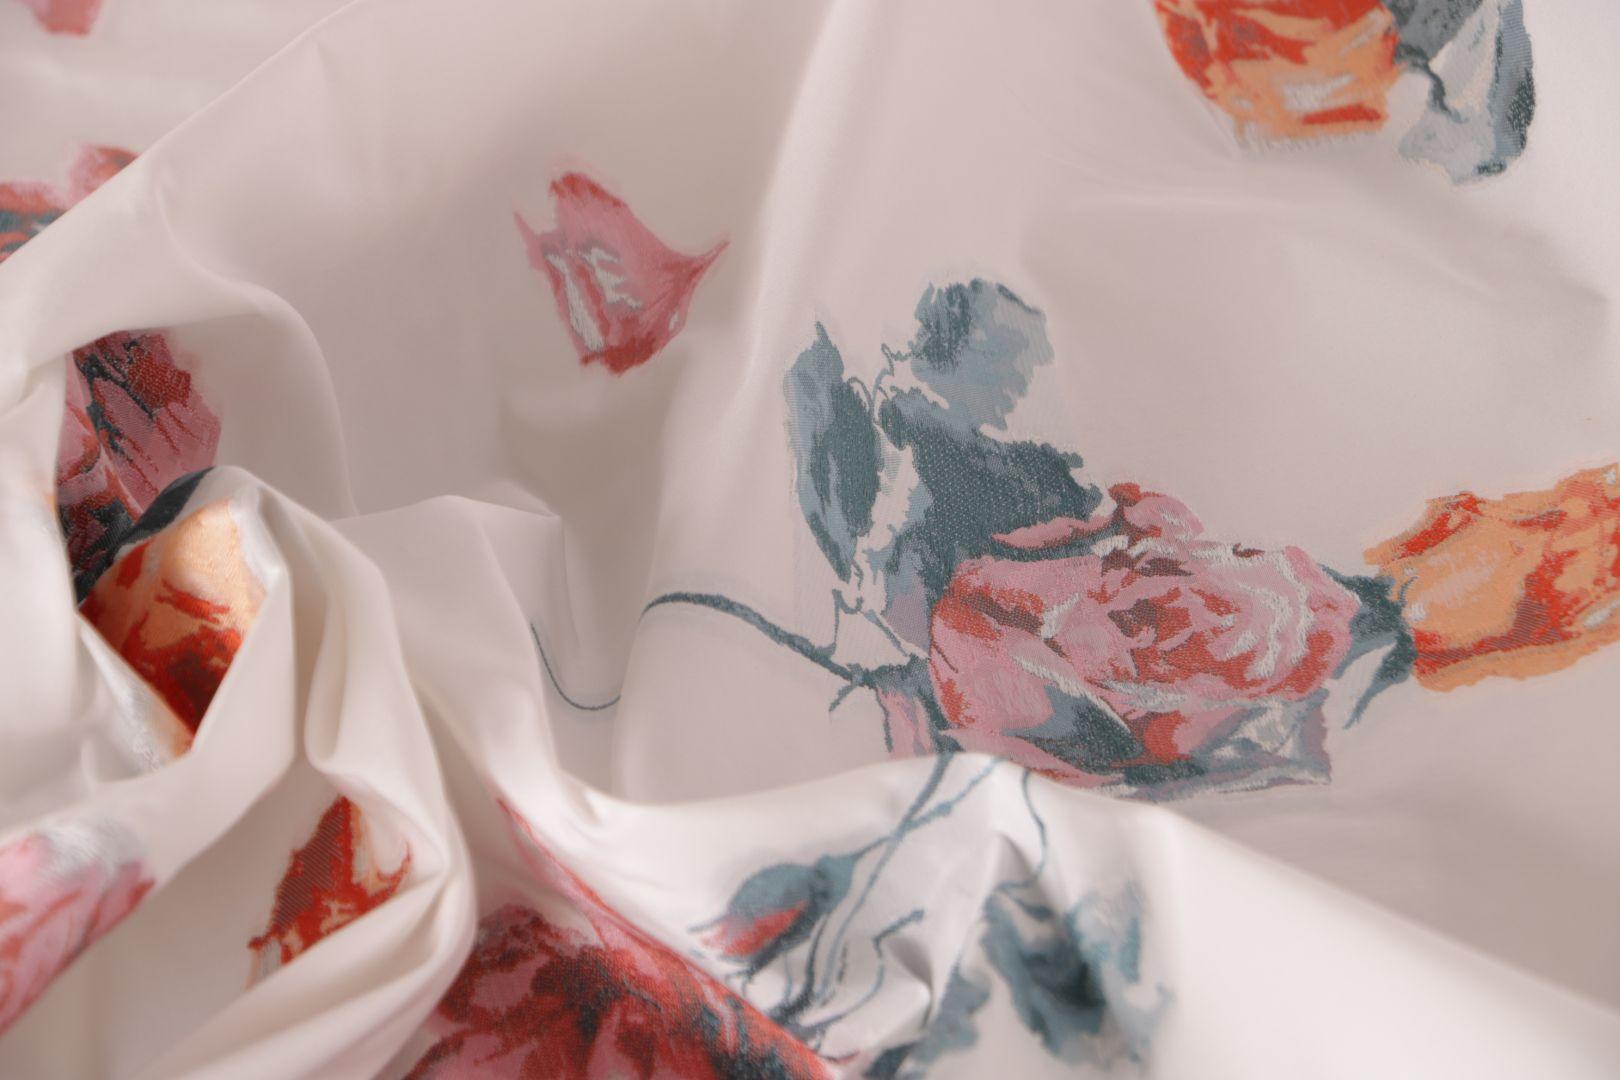 Tessuto Jacquard Fiori Bianco, Rosso in Poliestere, Seta per Abito da Cerimonia, Giacca, Gonna.